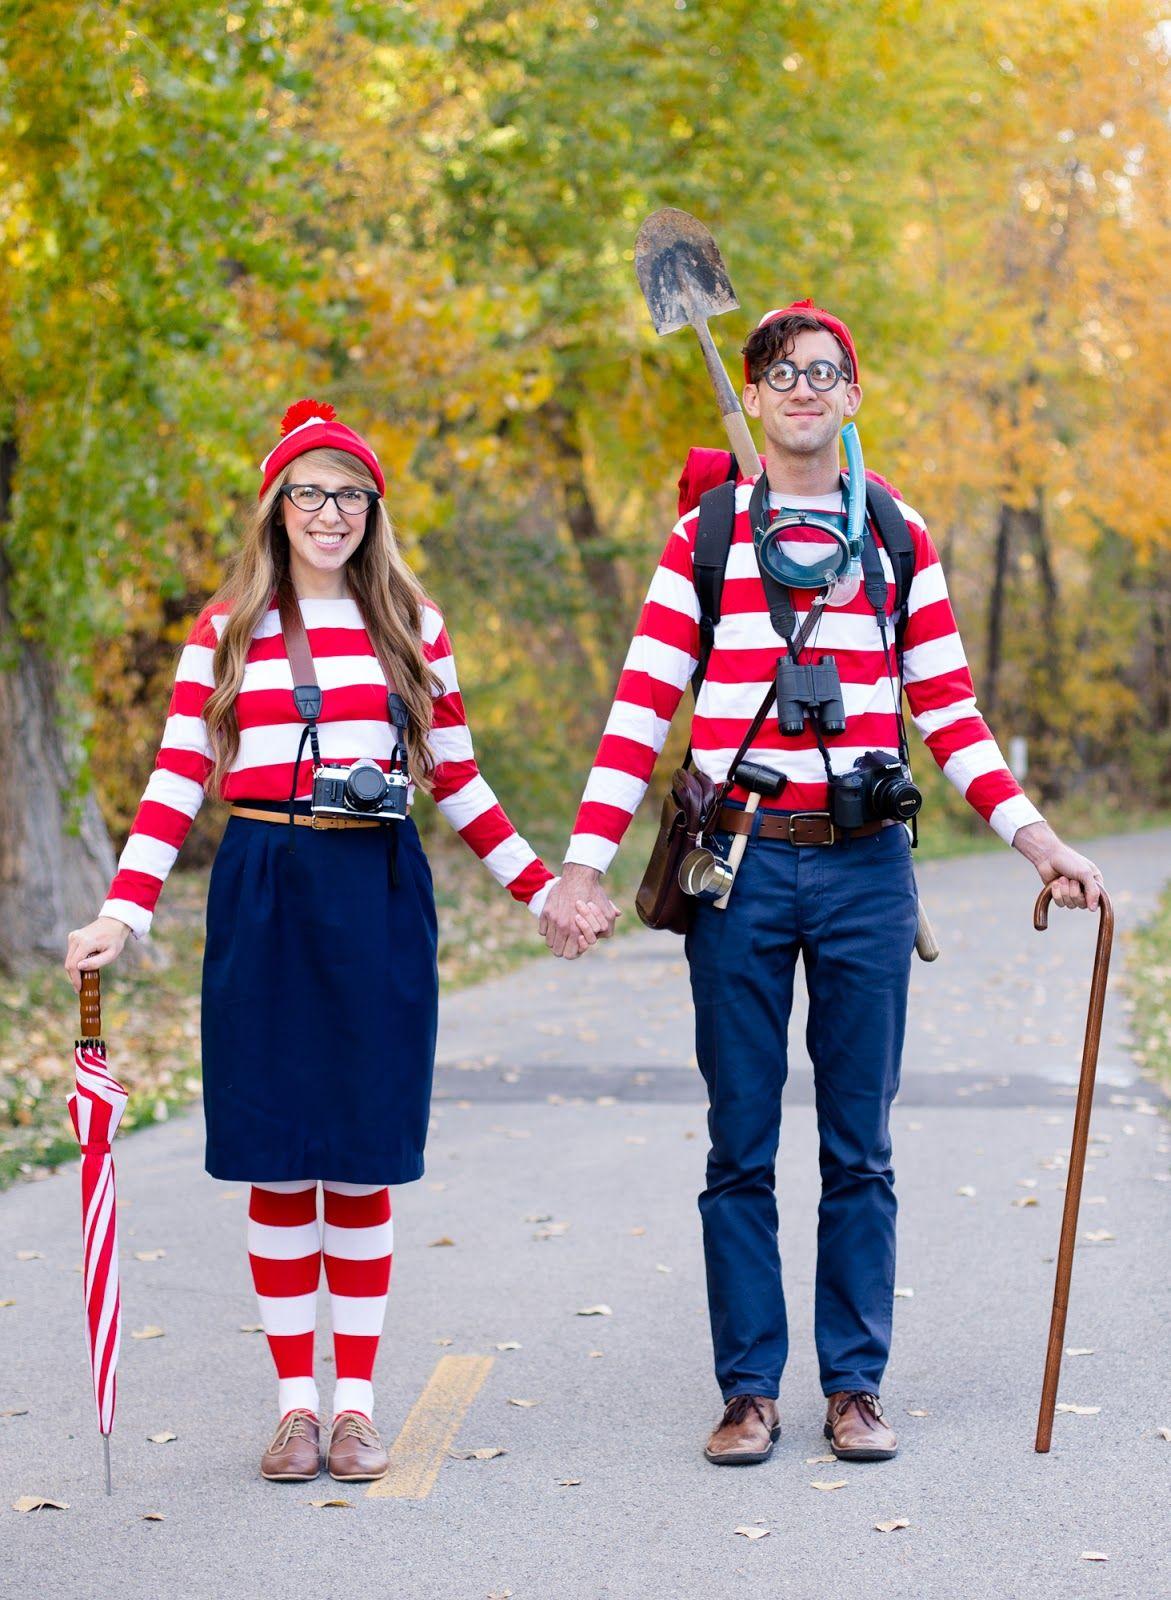 Waldo & Wenda Costume for Cosplay & Halloween 2020